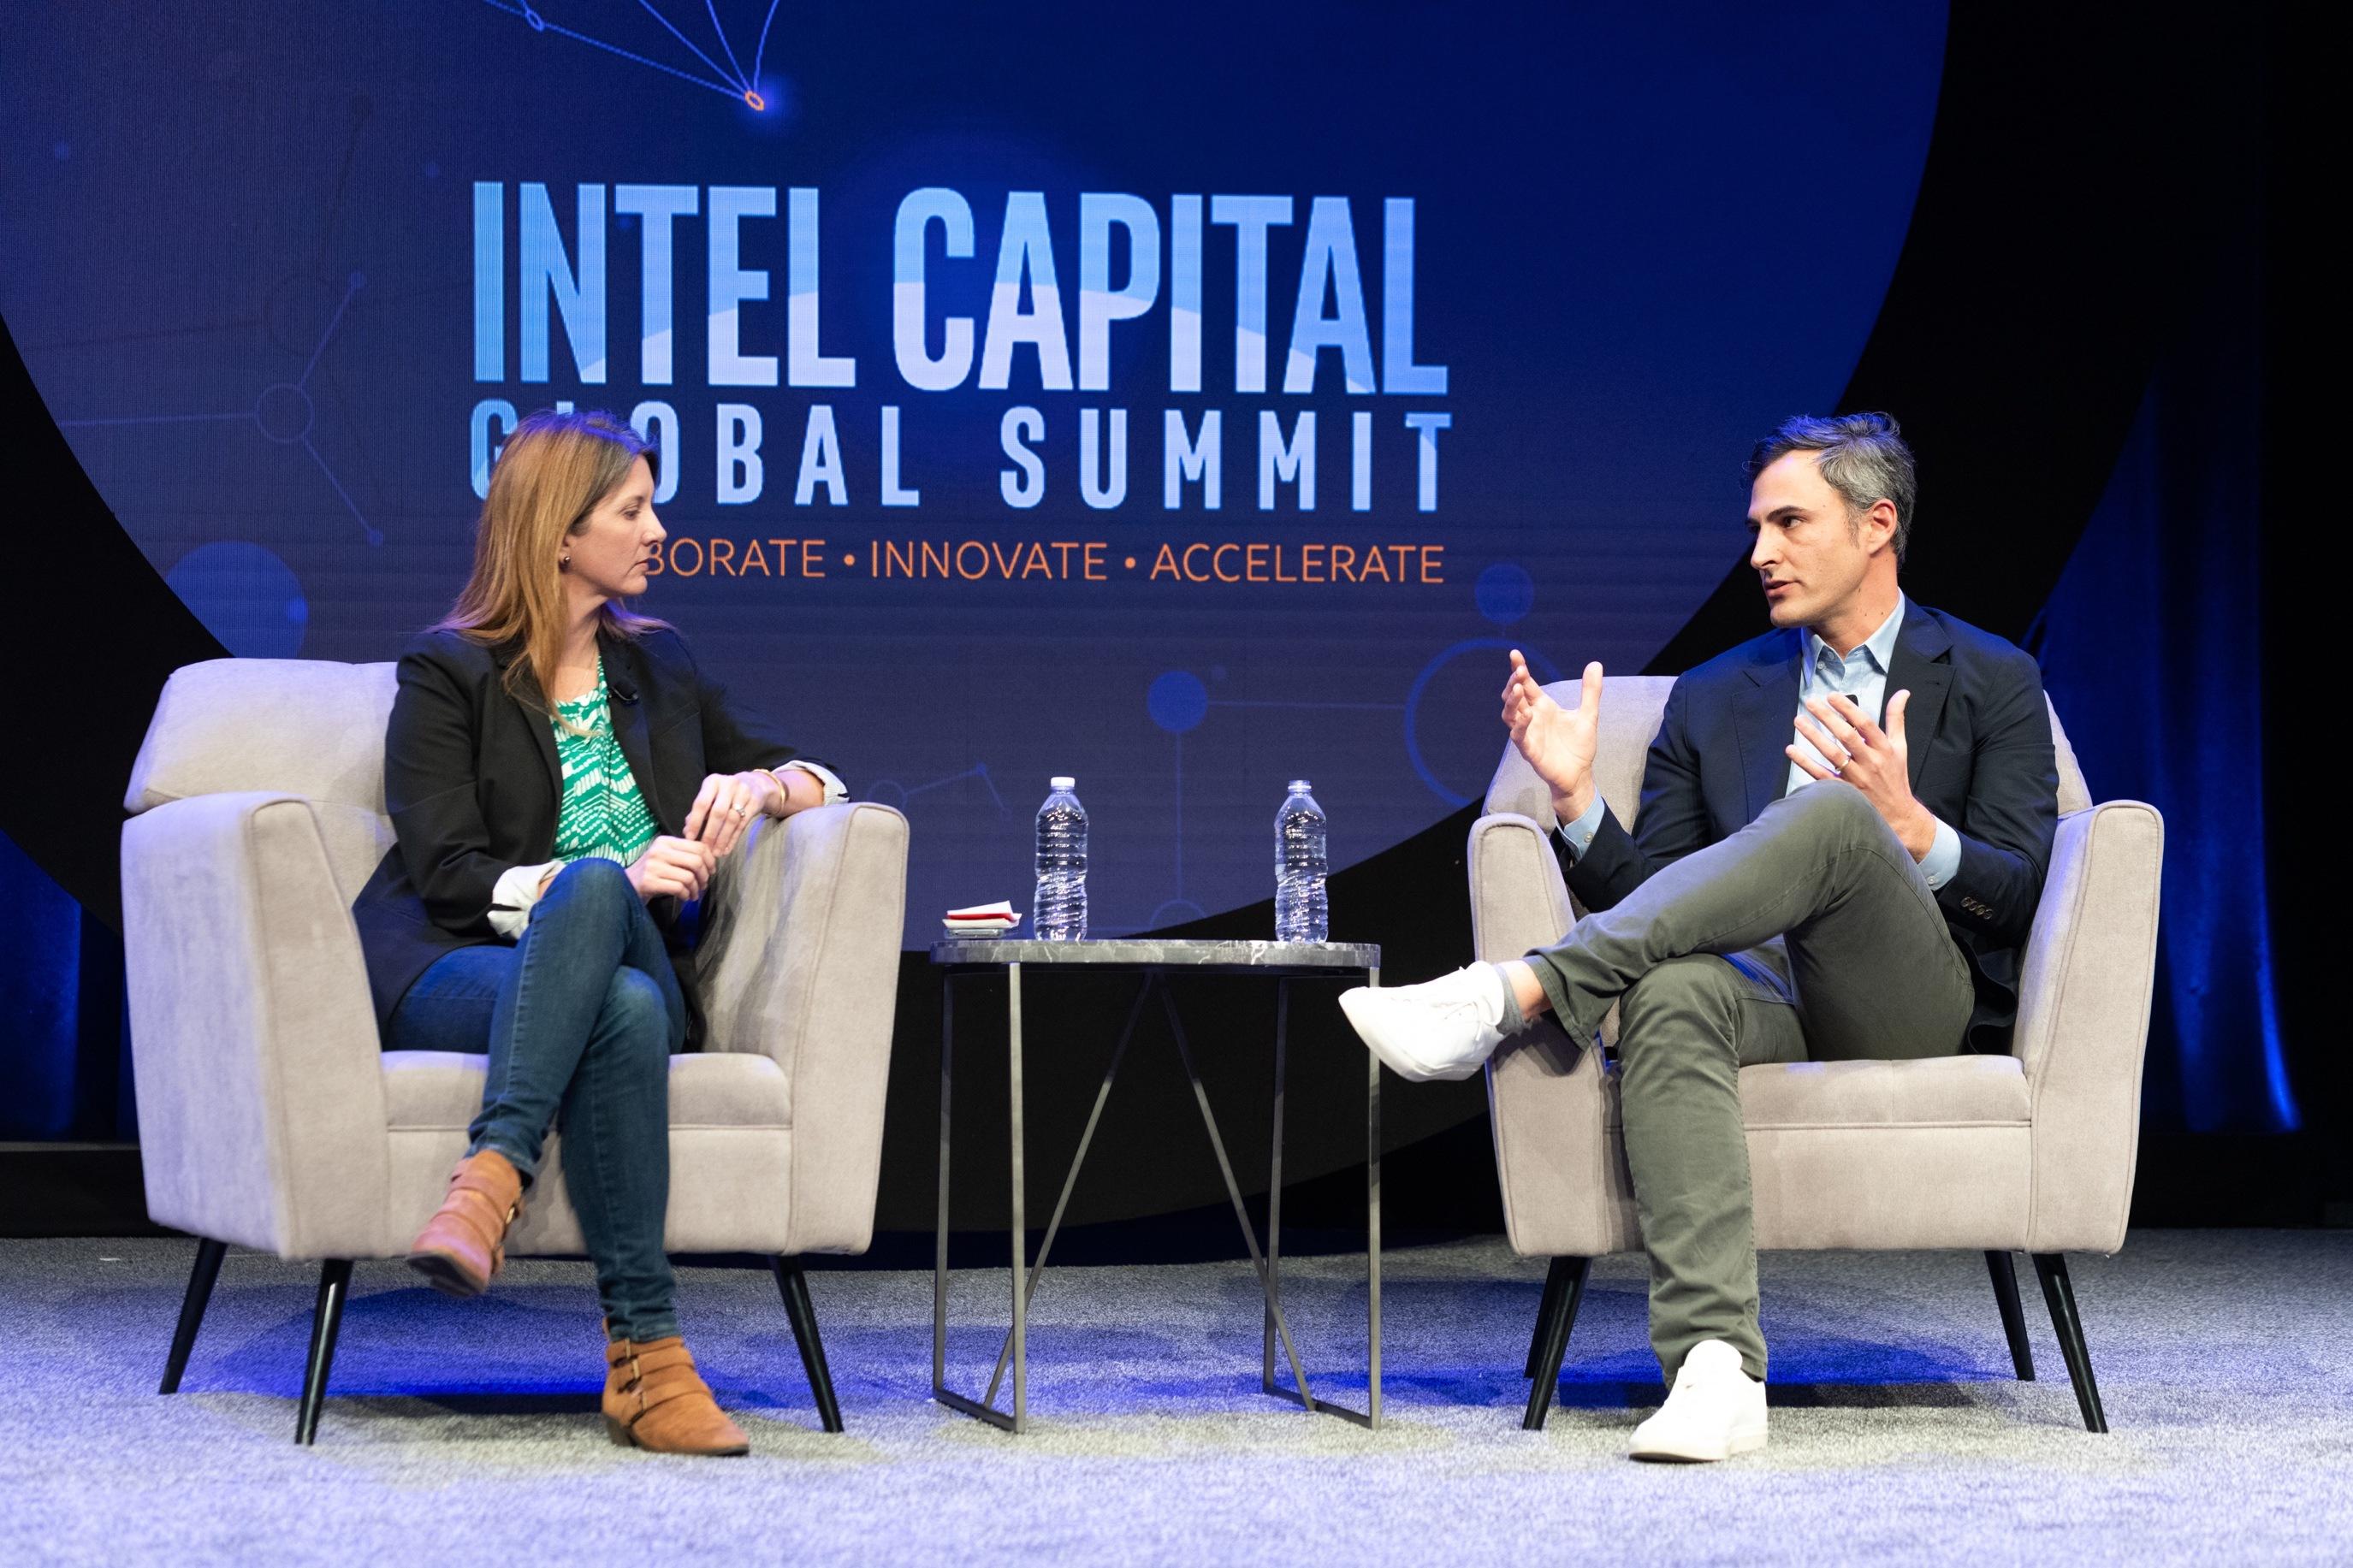 Intel-Capital-2019-Summit-4